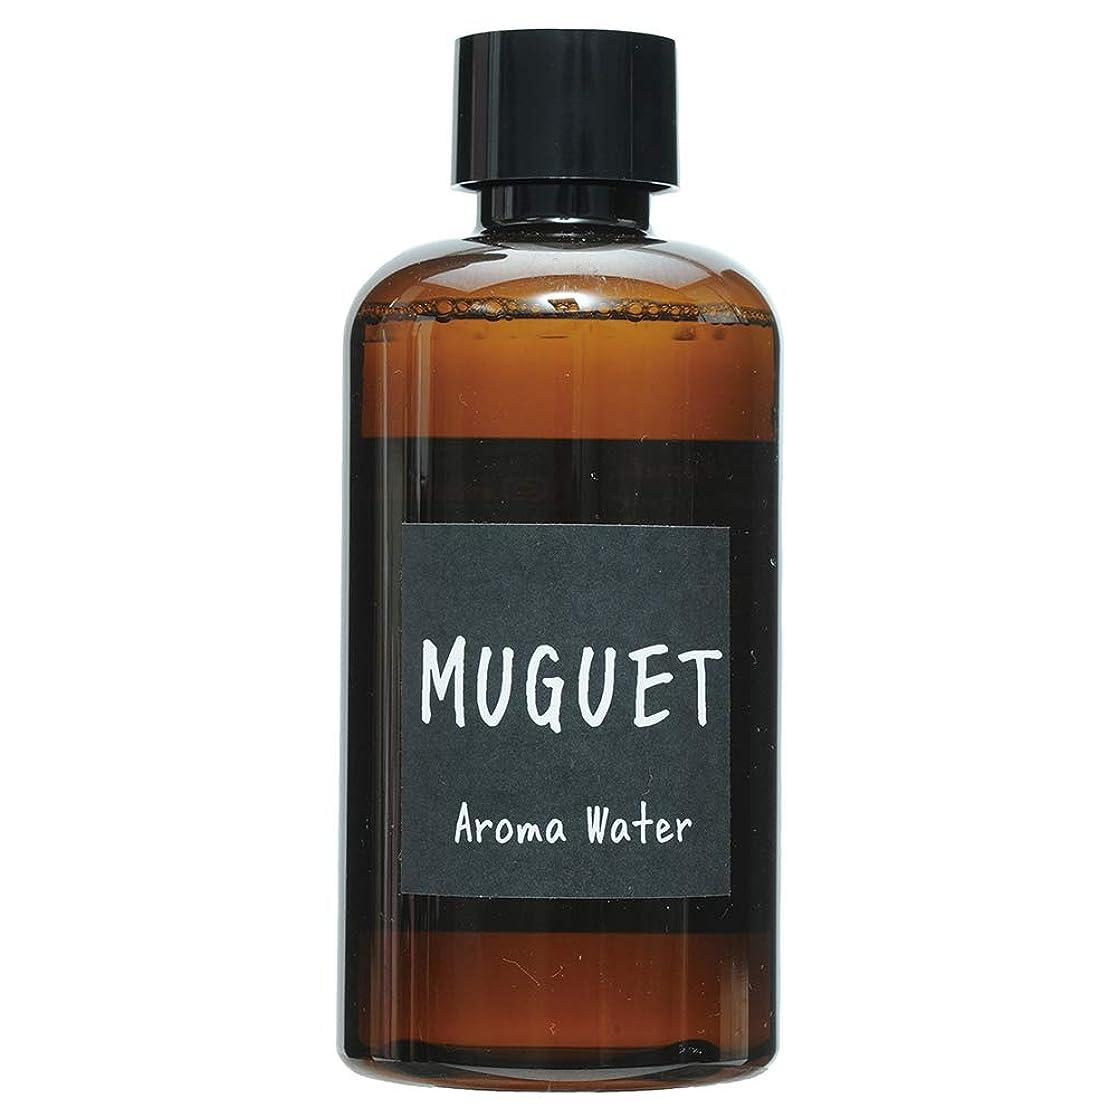 語悲しいことにアニメーションノルコーポレーション アロマウォーター ジョンズブレンド 加湿器用 ミュゲの香り 520ml